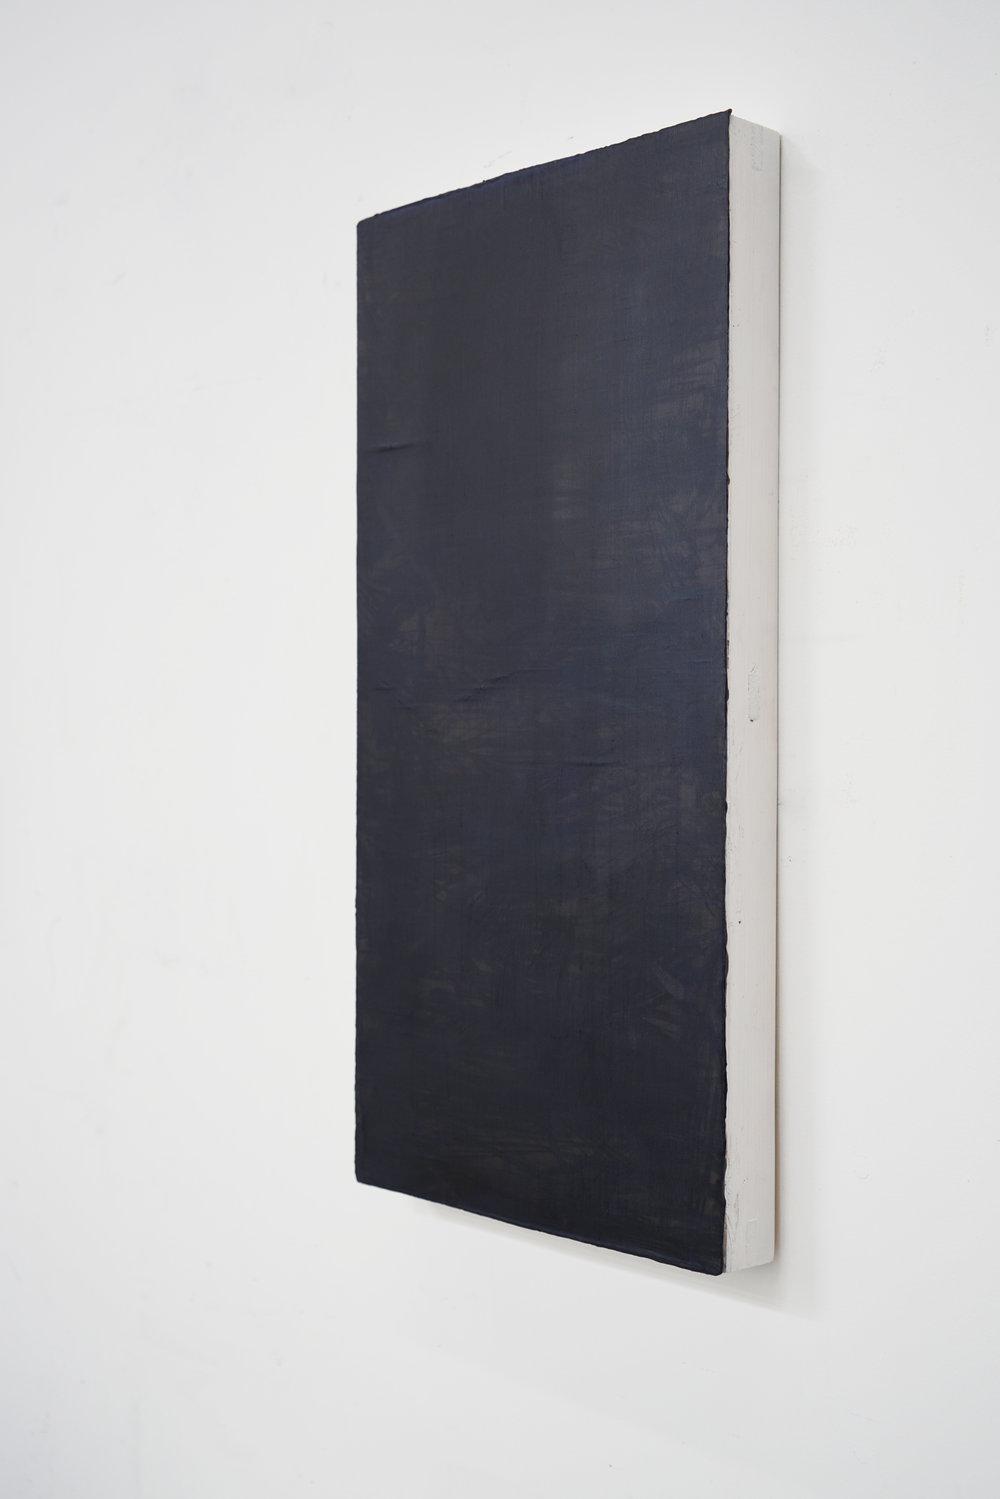 installation view - Black 25-3